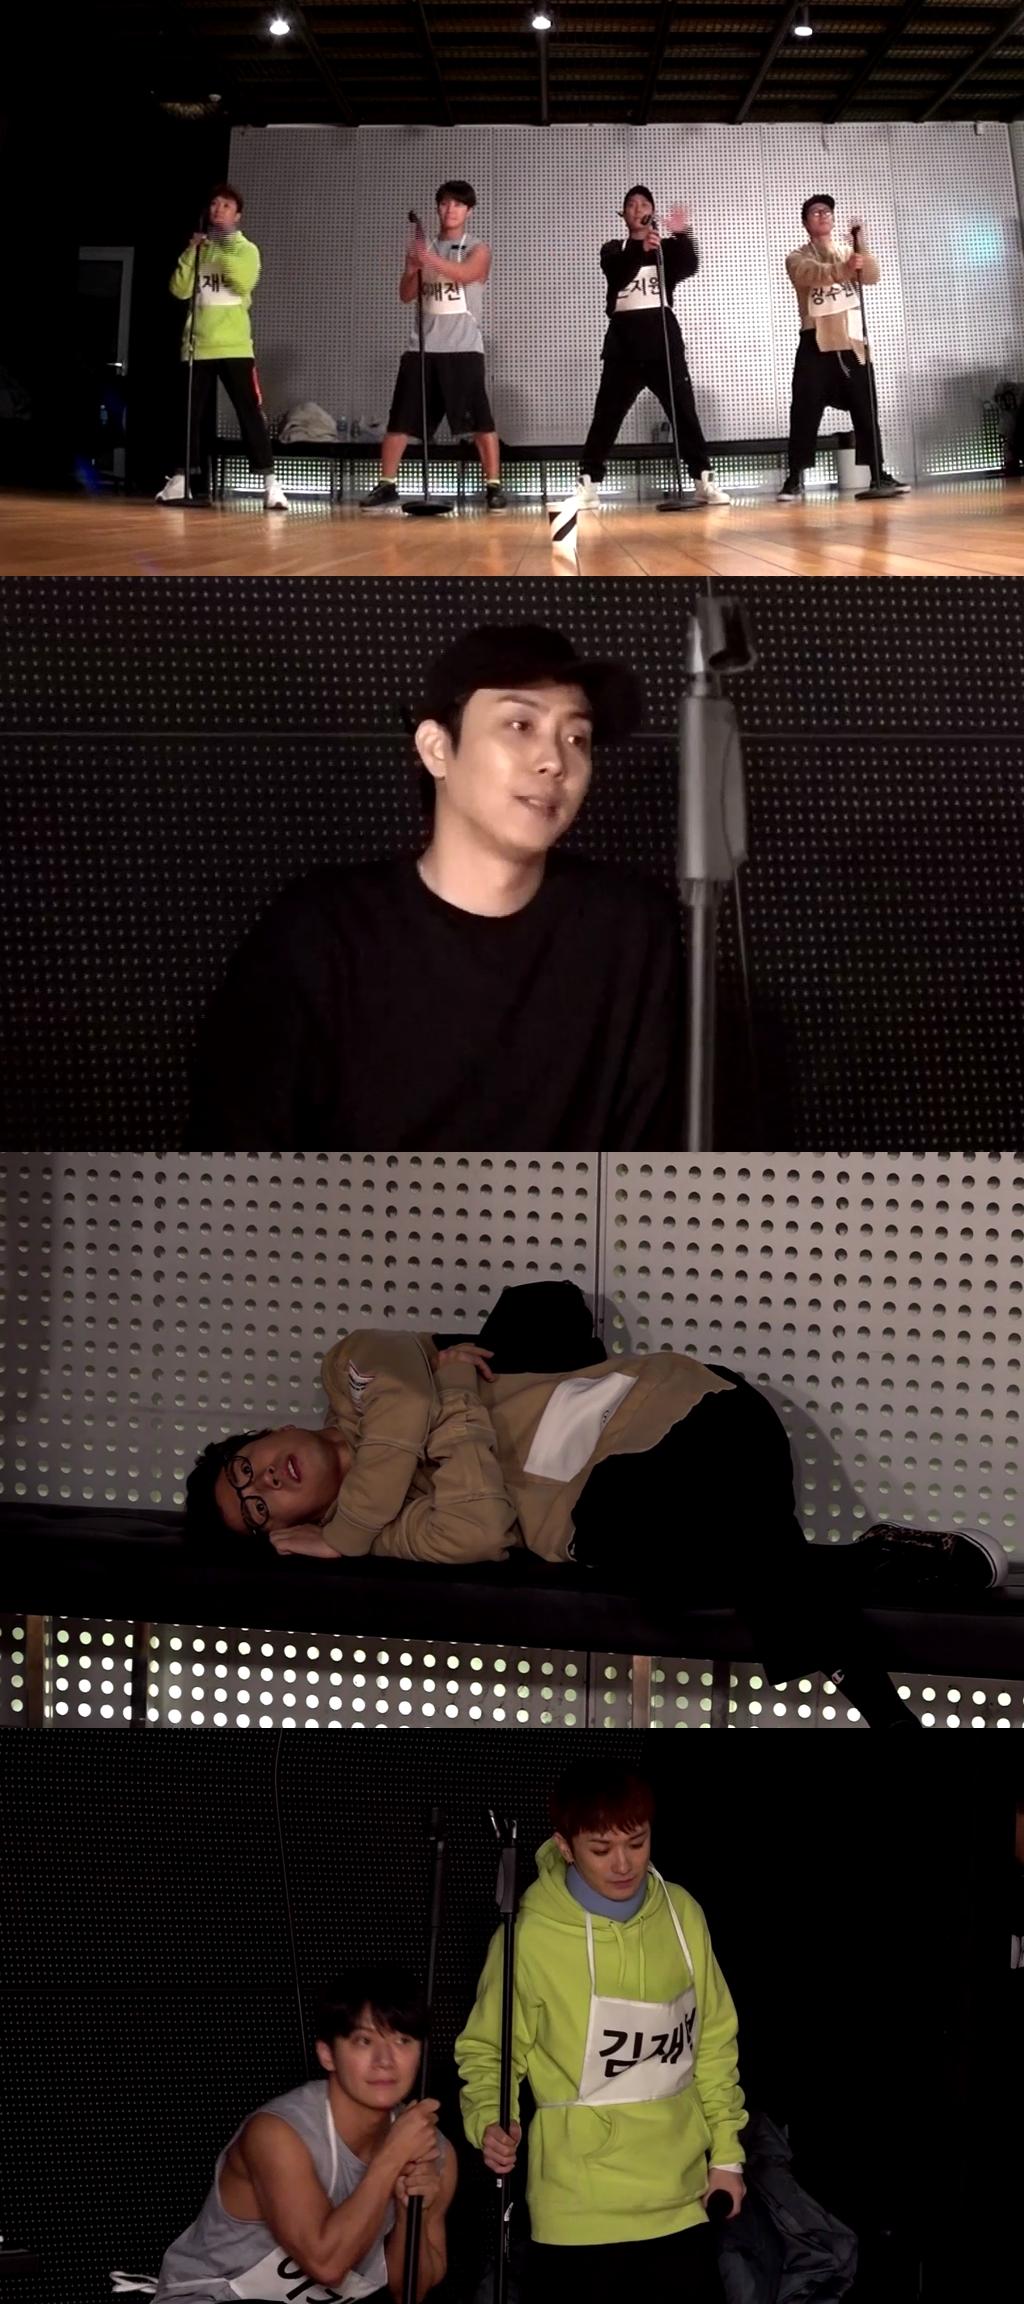 """'전참시' 젝스키스, 평균 나이 42세들의 눈물 나는 컴백 비하인드 공개 """"예전 같지 않네"""""""